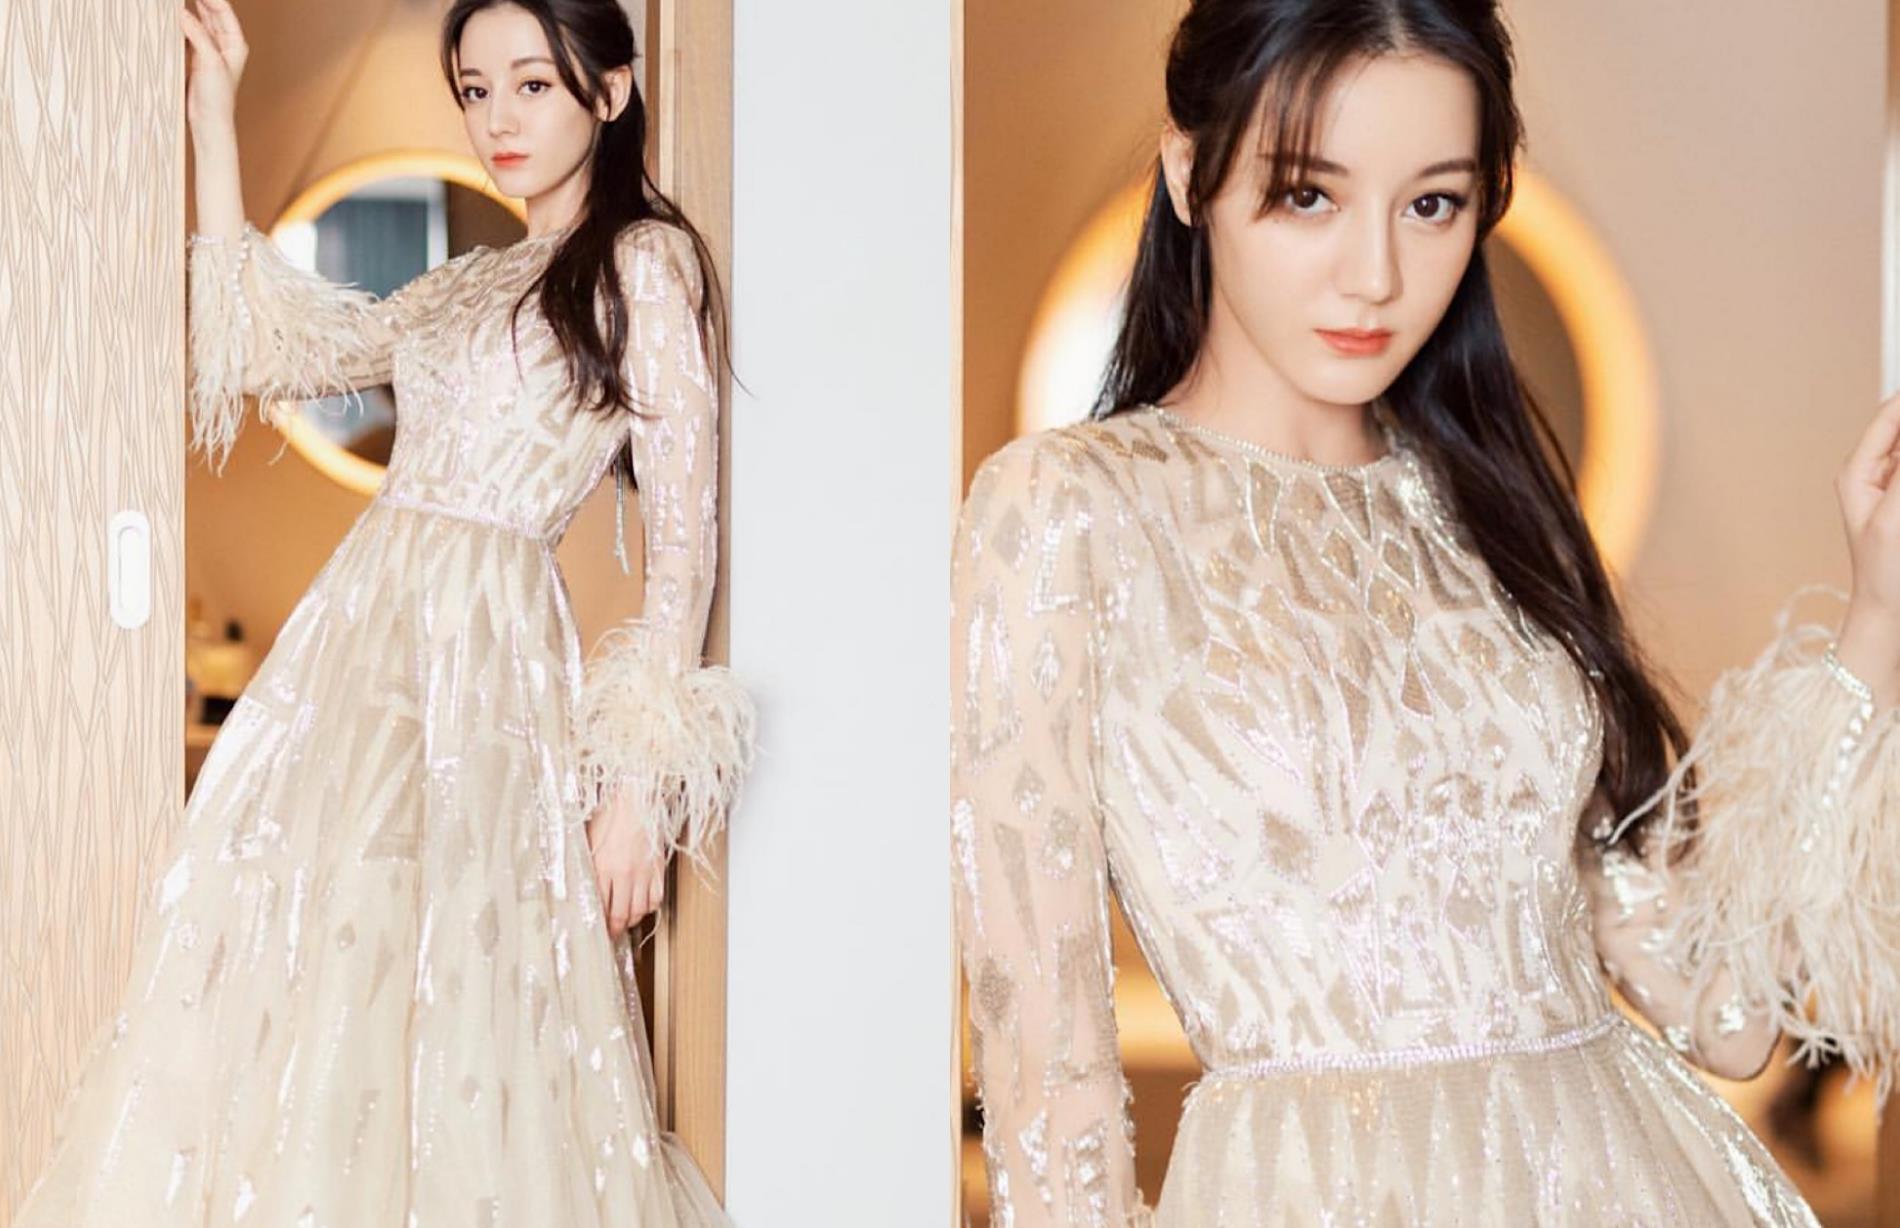 穿过The Atelier高定礼服的中国女星:热巴小仙女,钟楚曦惊艳